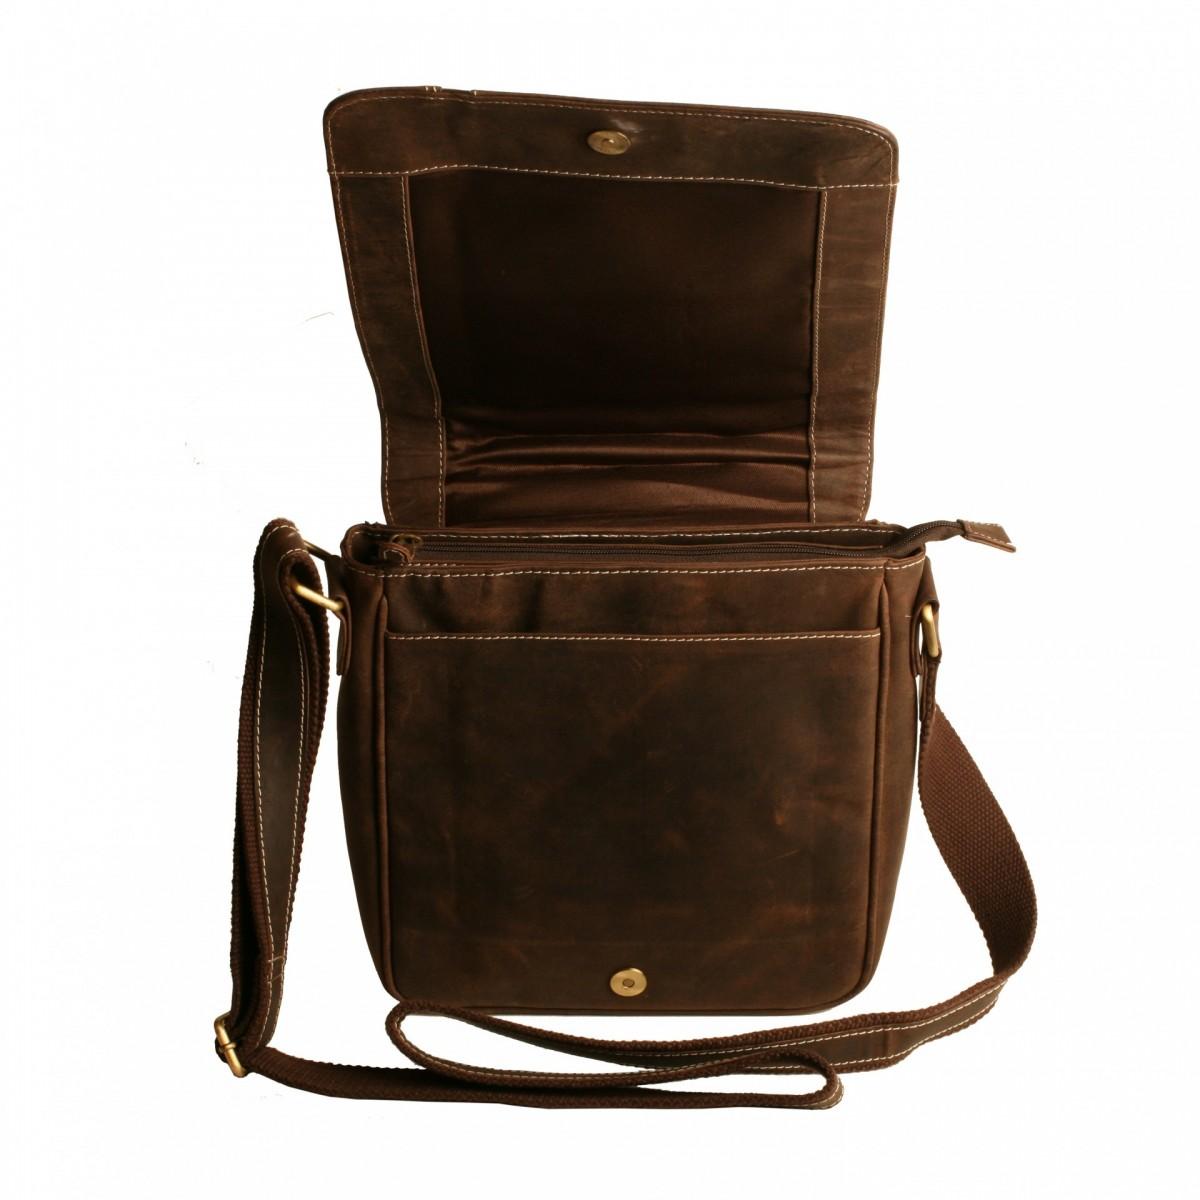 CASABLANCA kožená pánská taška přes rameno hnědá 802 fb3494a12f2